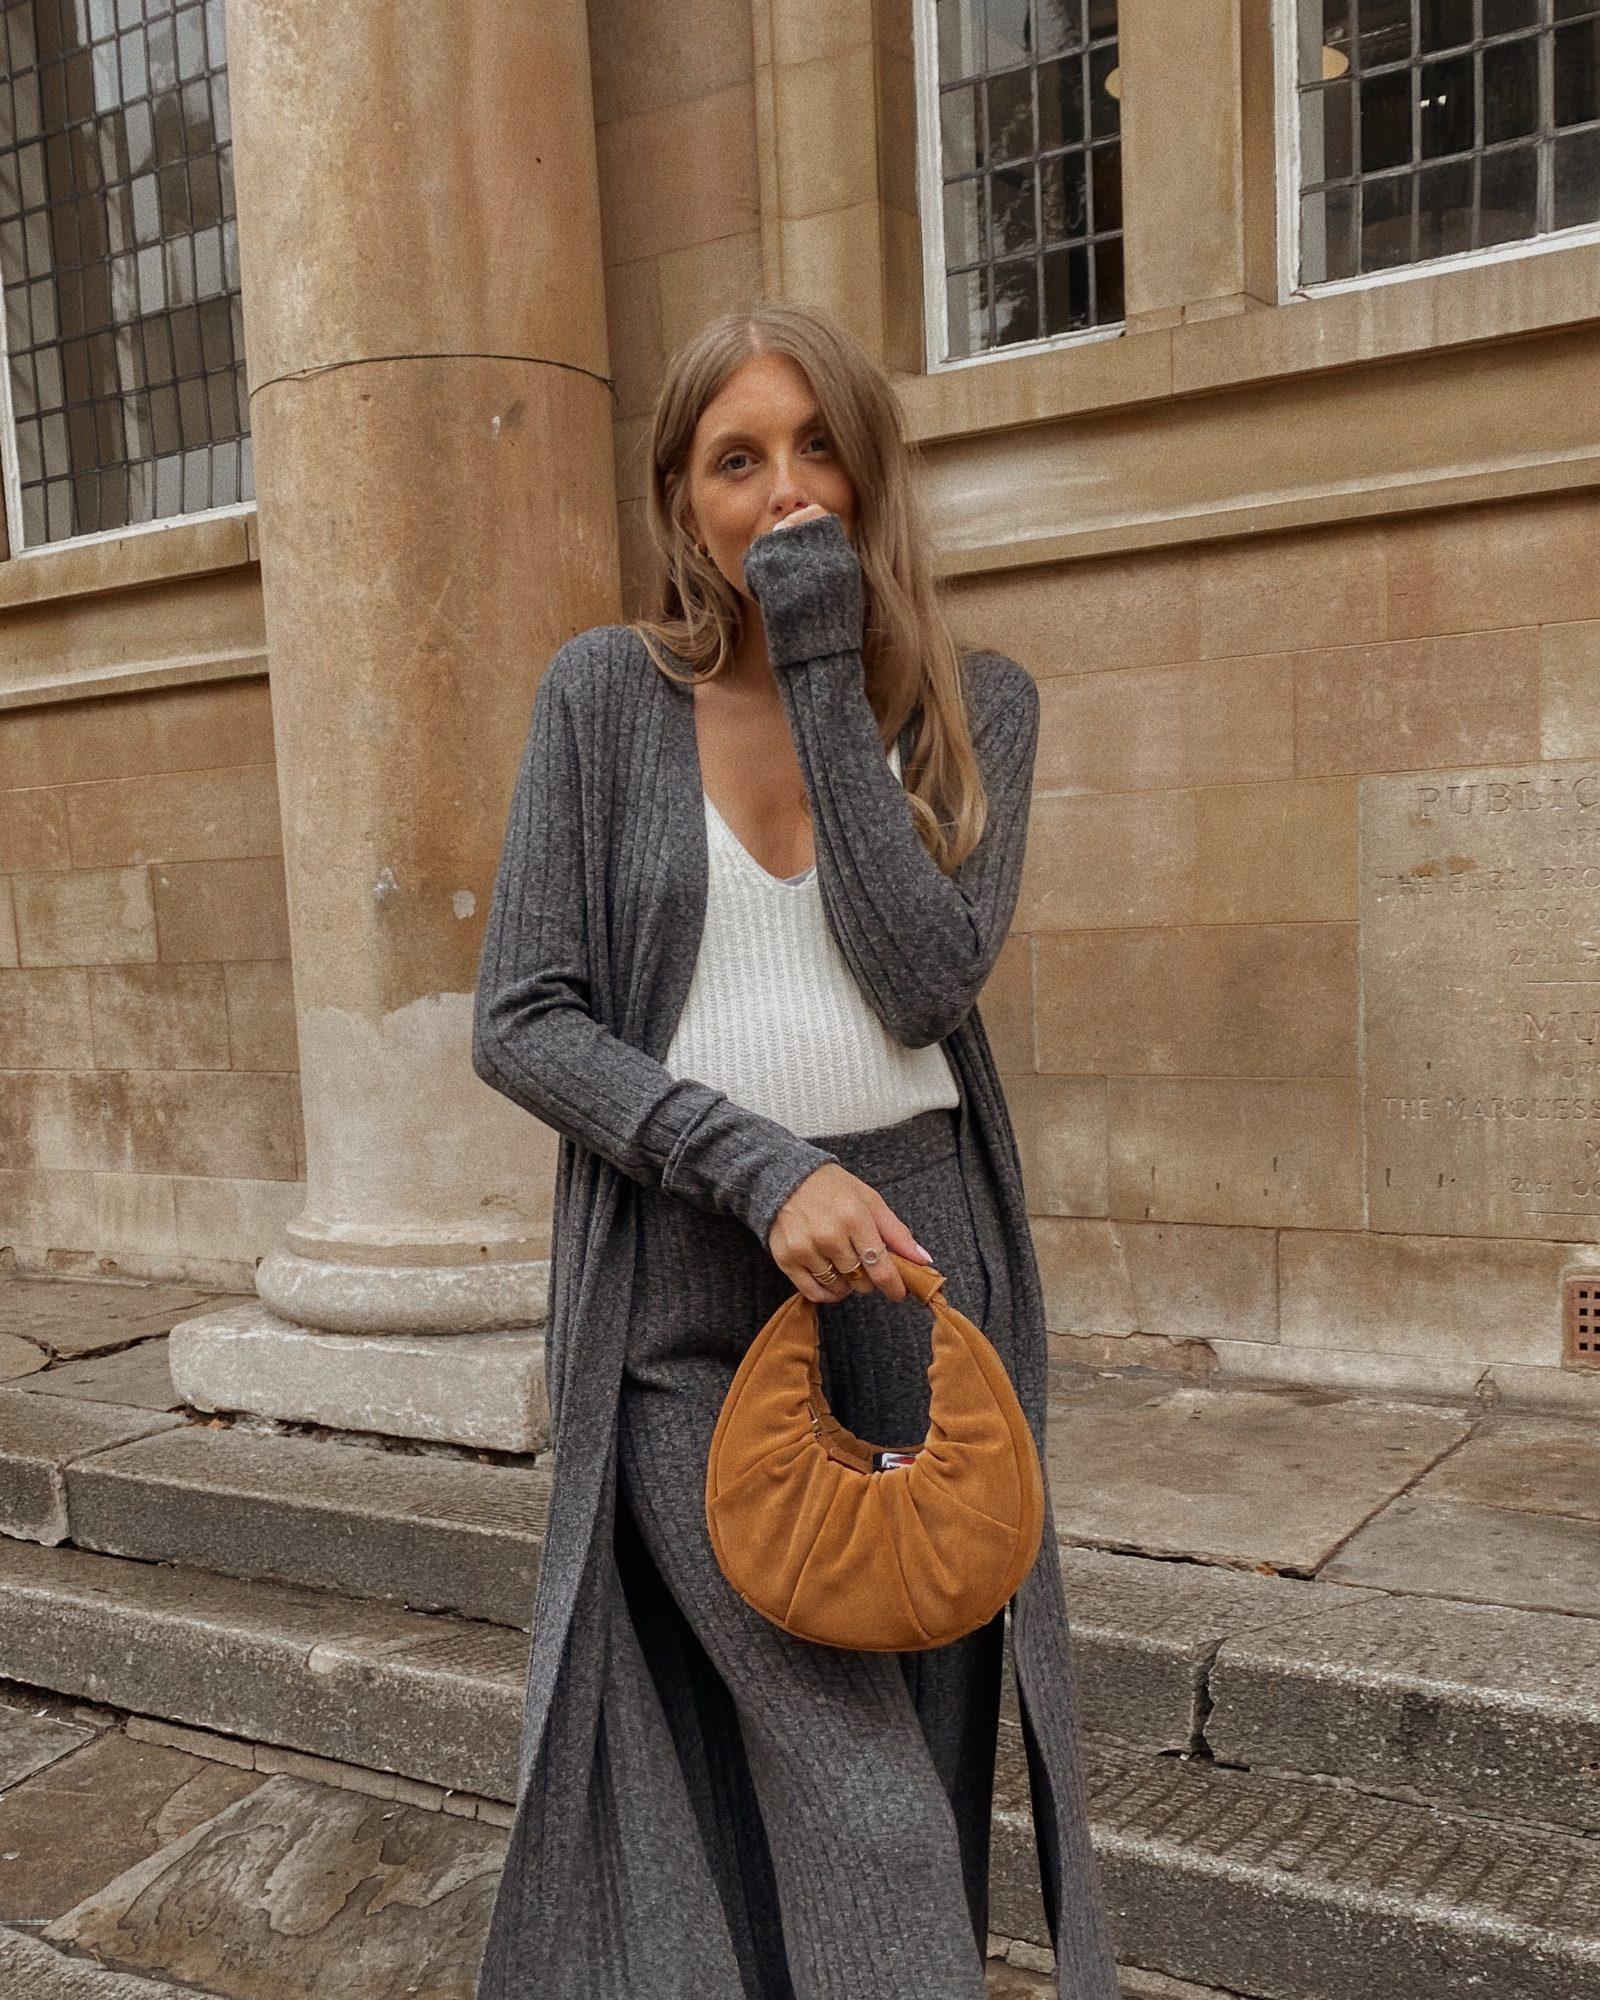 Amazon Fashion - Winter Cardigan